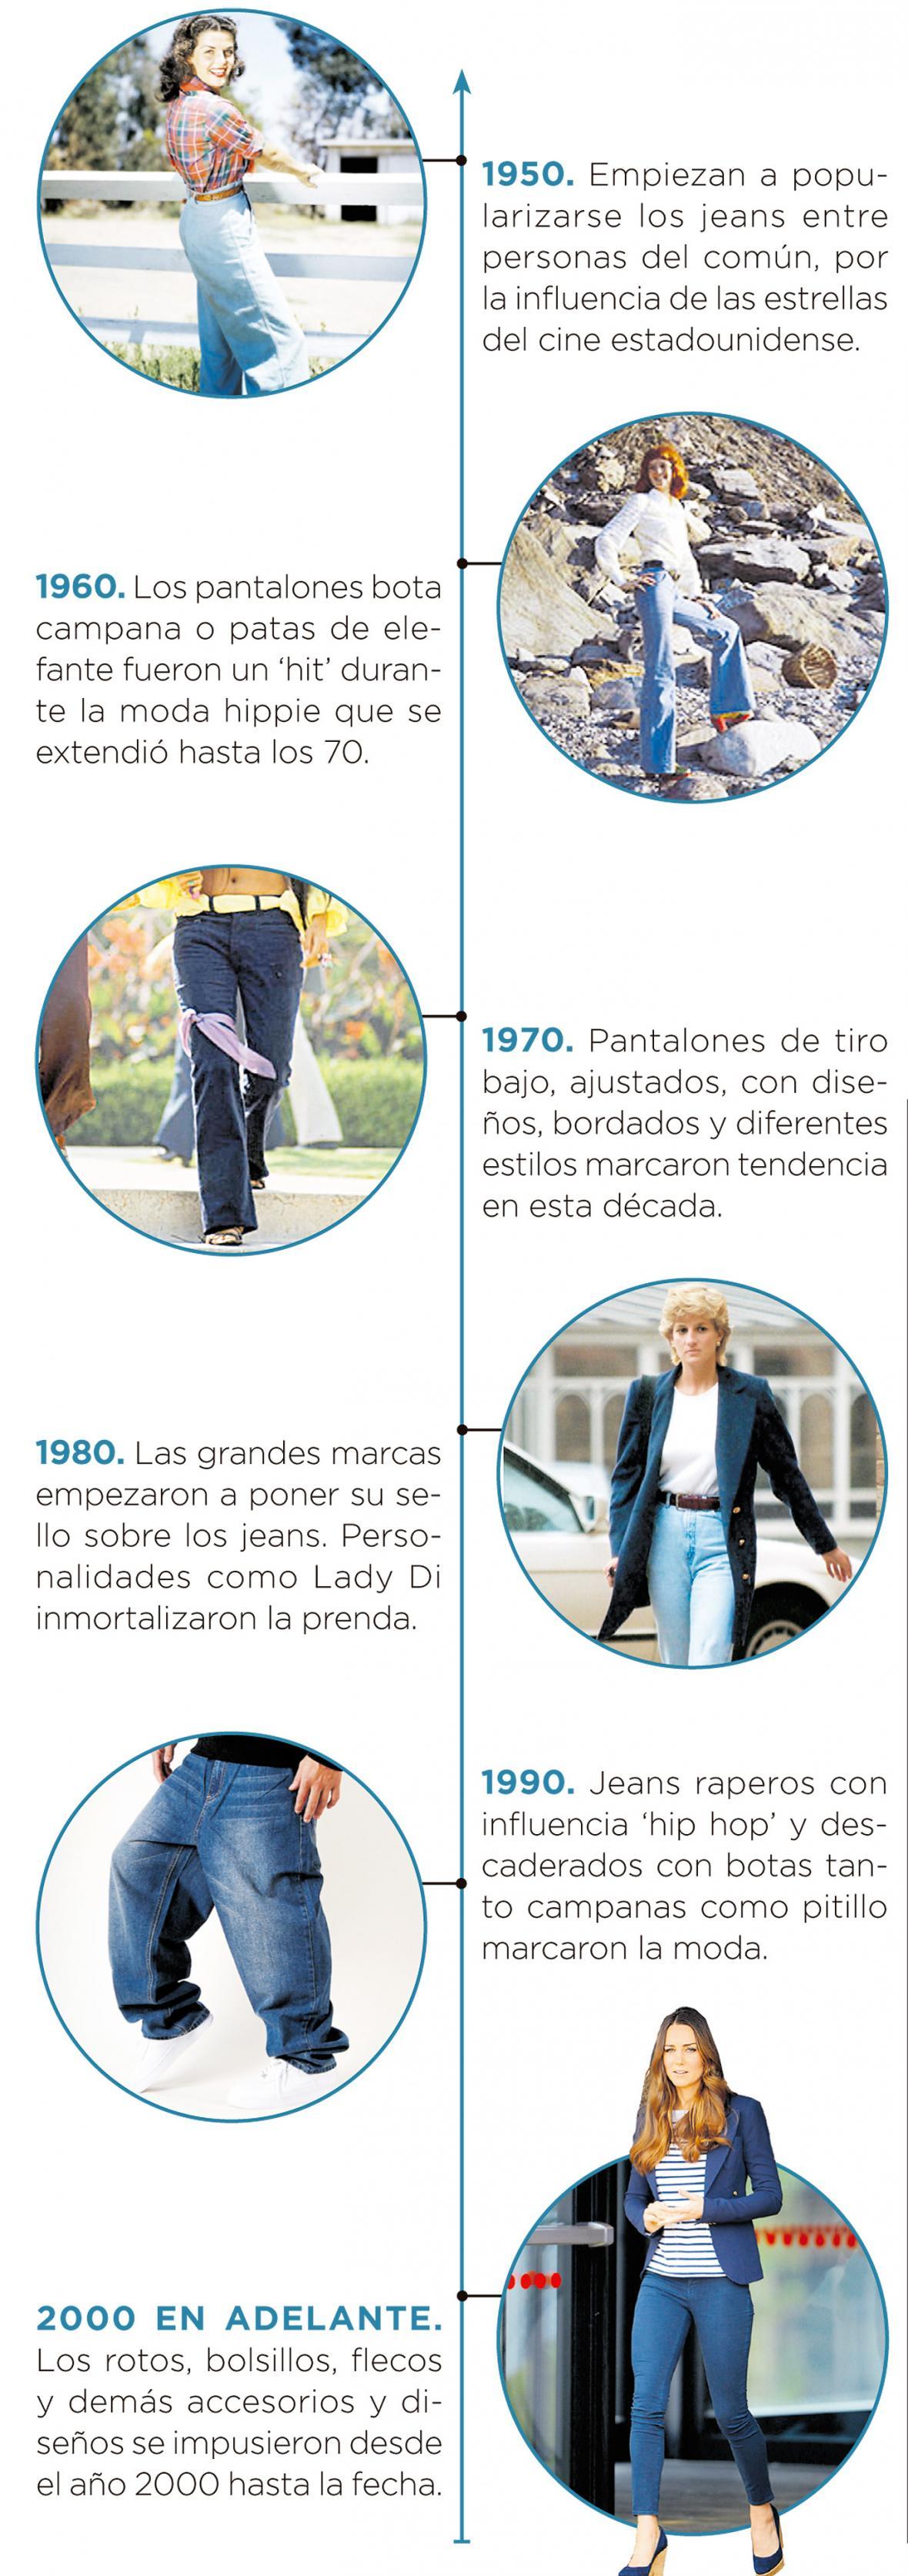 6075862c6b El estimado de consumo para la elaboración de un jean es de 0